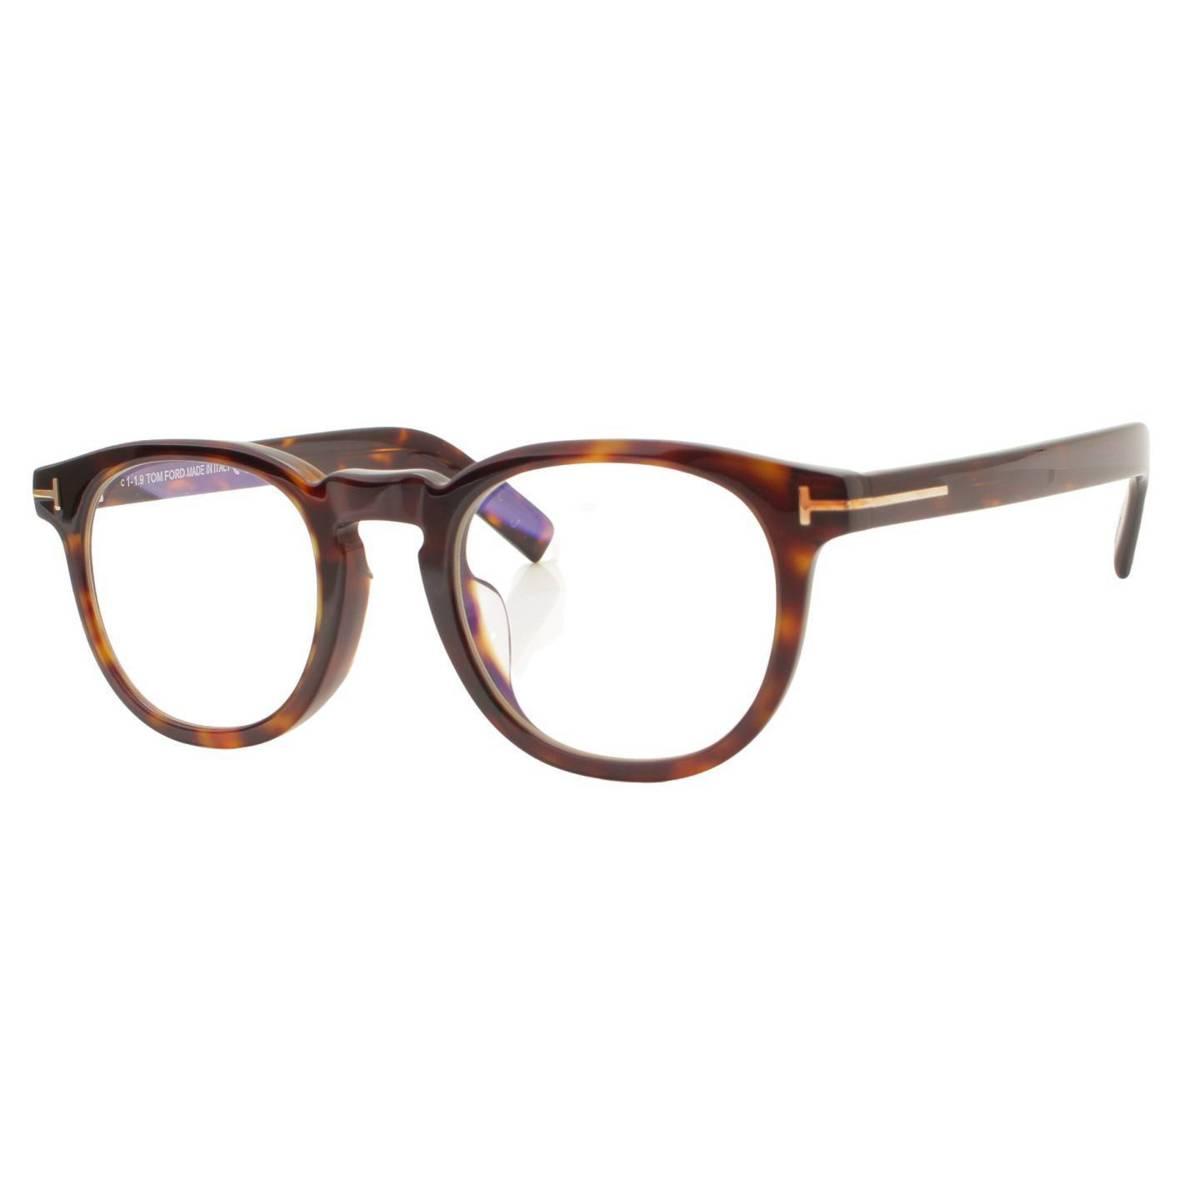 トムフォード Tom Ford ウェリントン 35%OFF サングラス メガネ 119347 ブラック 正規品保証 数量限定アウトレット最安価格 鑑定済 中古 TF5629